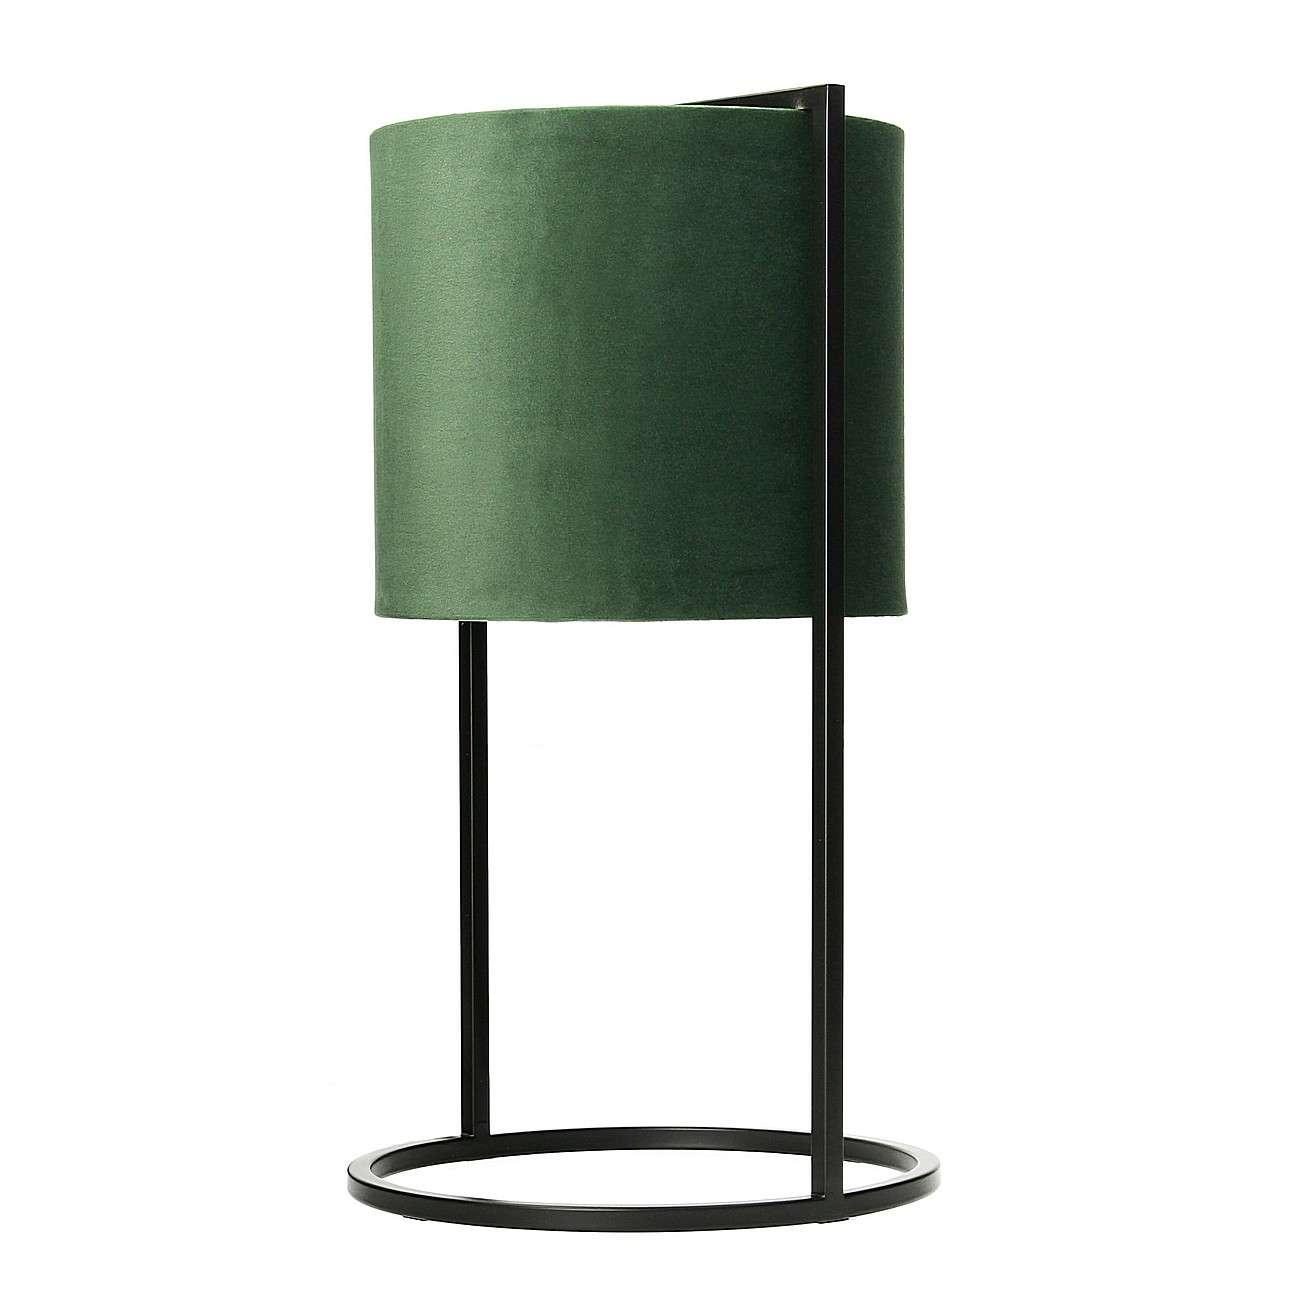 Stolní dekorační lampa Santos Green výška 45cm